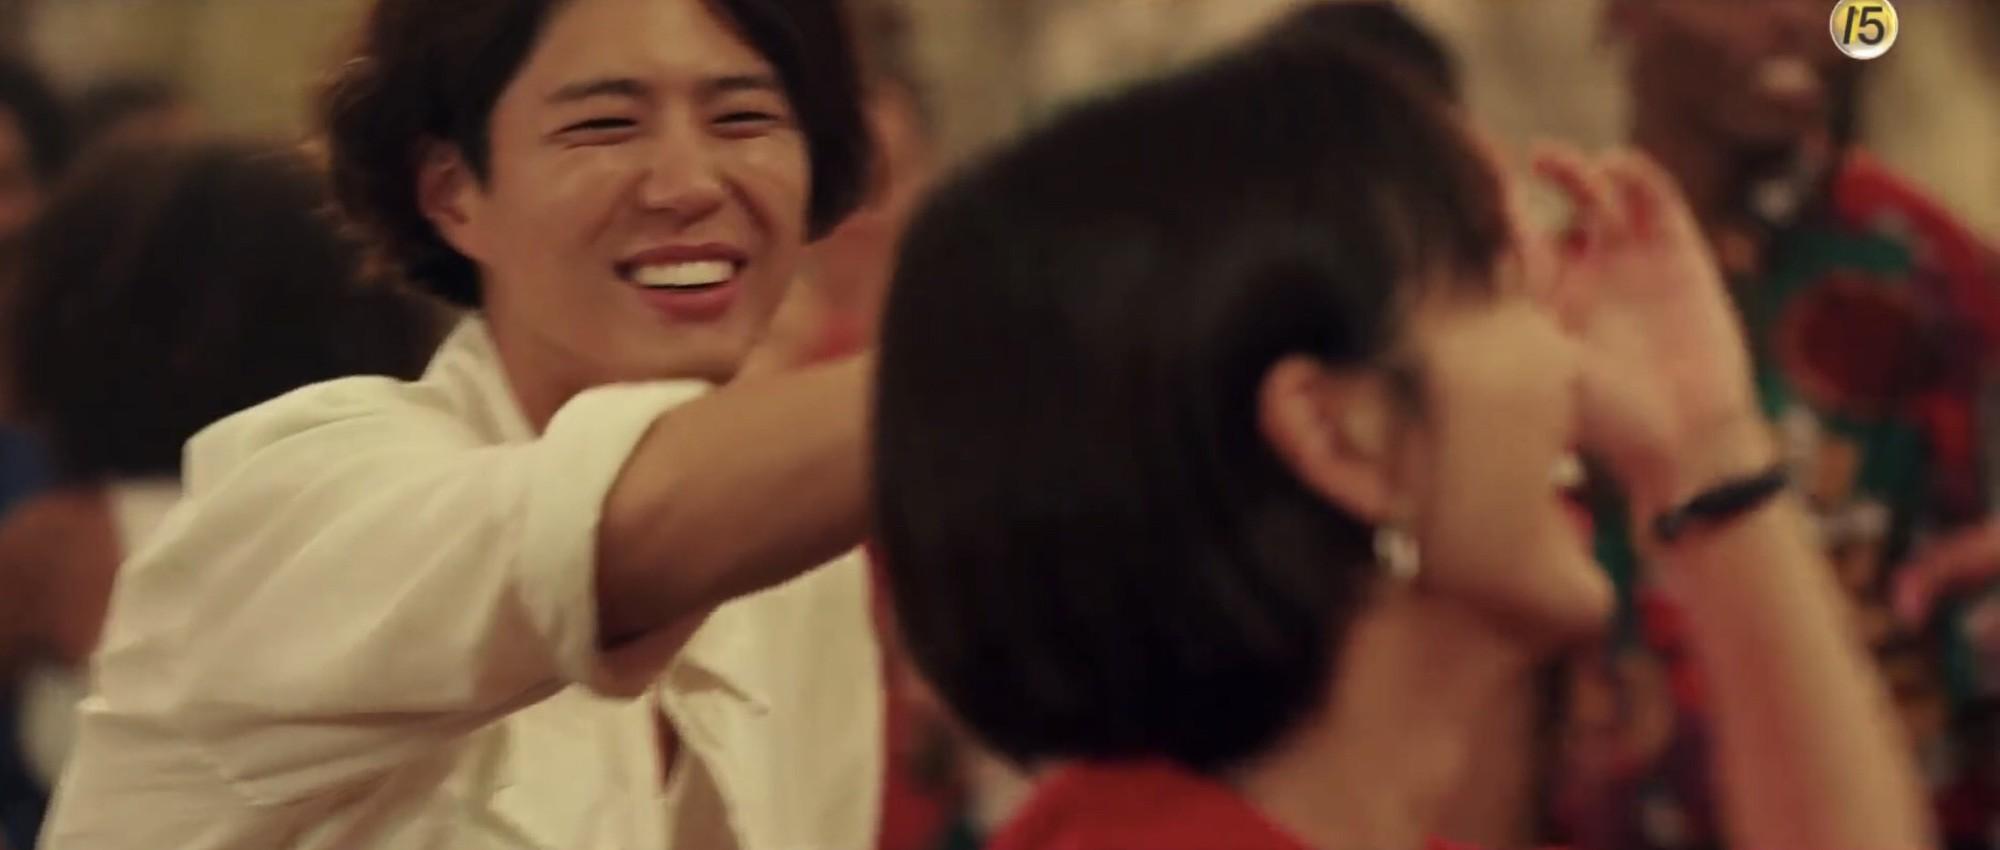 Song Hye Kyo và Park Bo Gum trong teaser mới nhất của Encounter: Một lần tương ngộ, nghìn ngày khó quên - Ảnh 7.